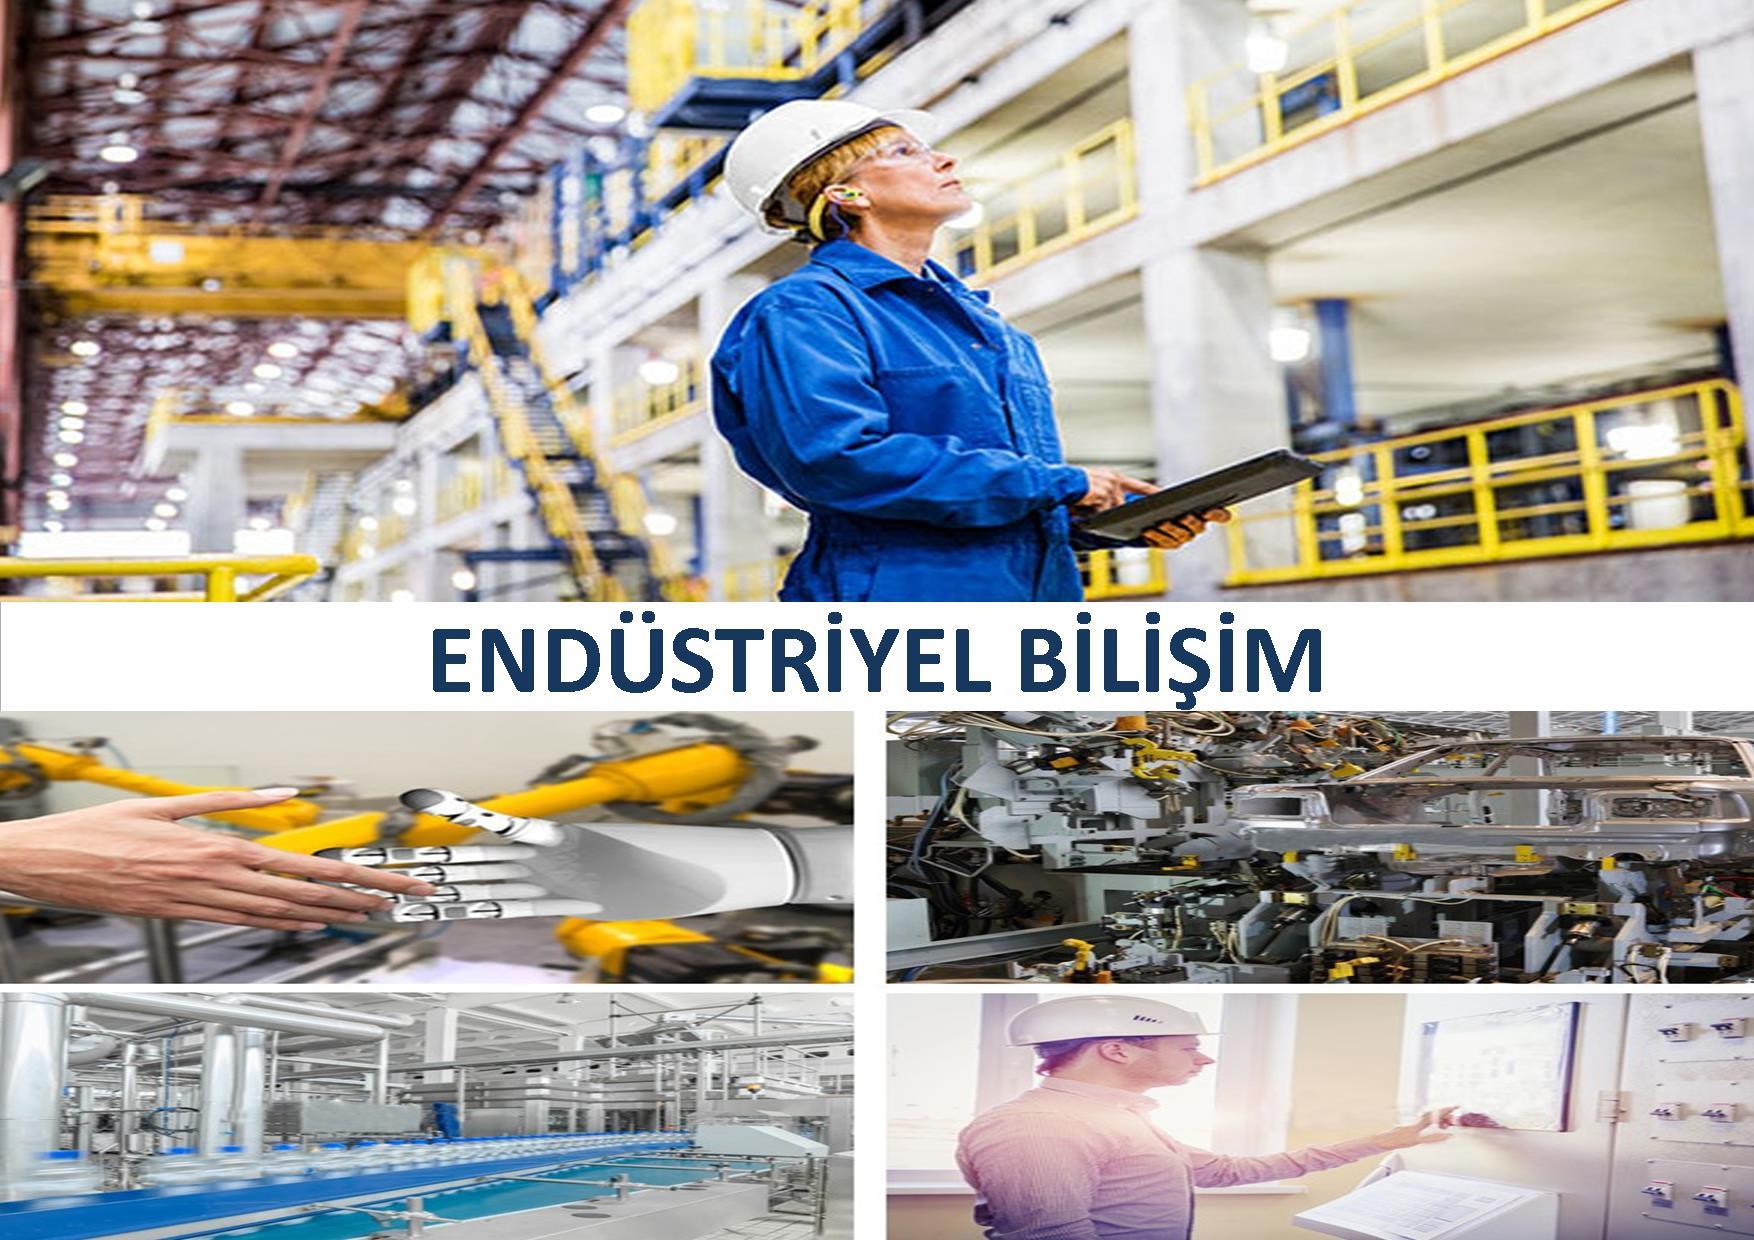 Endüstriyel Bilişim